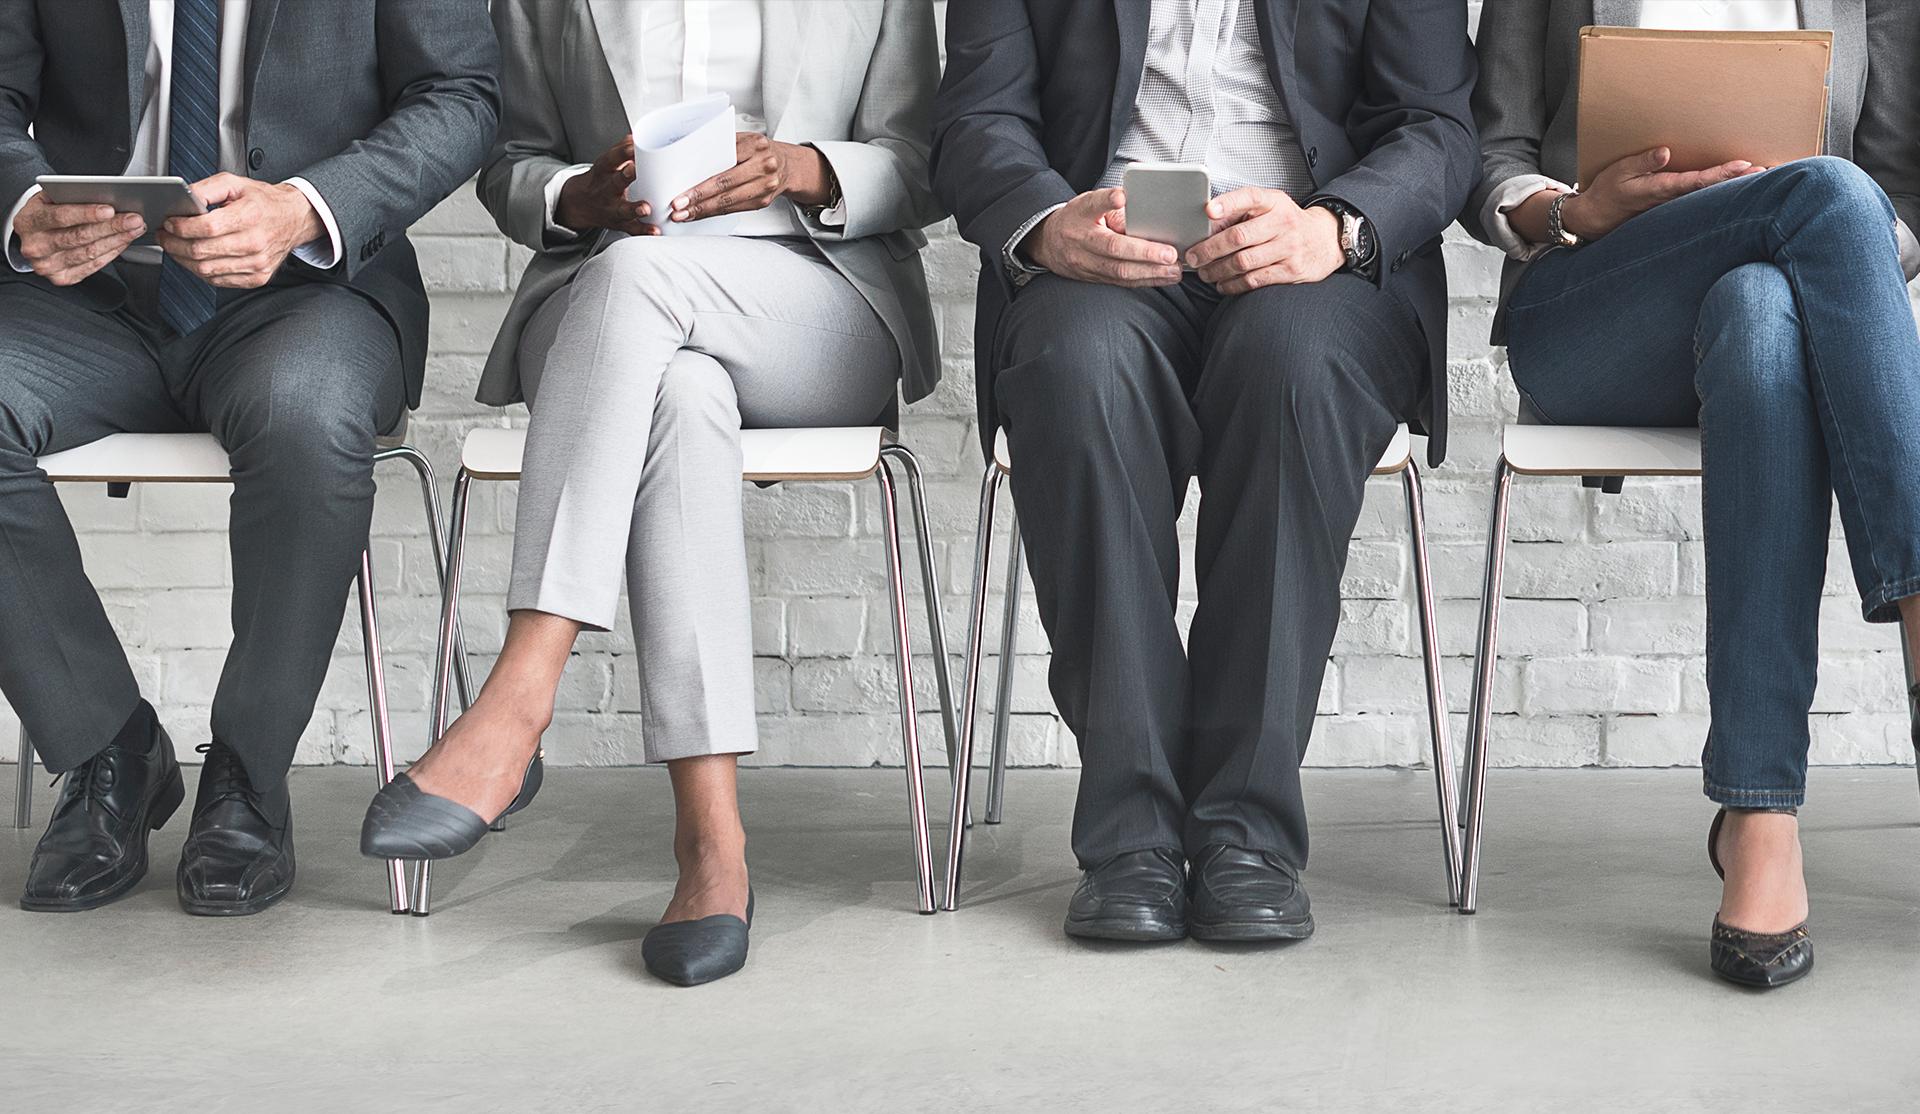 candidatos sentados esperando a ser entrevistados para puesto de trabajo